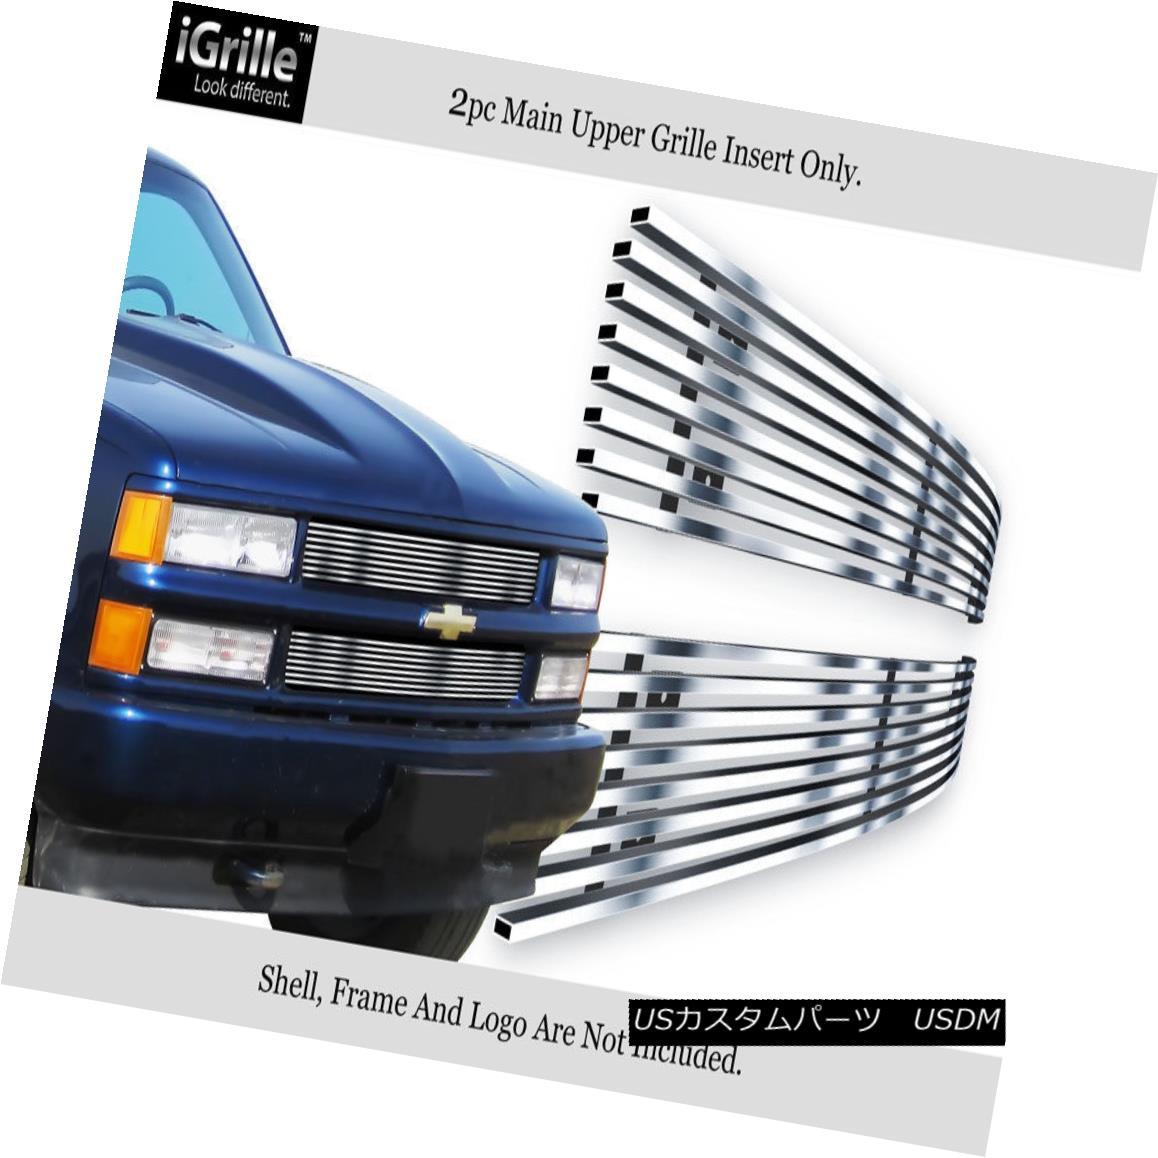 グリル Fits 1994-1999 Chevy C/K Pickup/Suburban/Tahoe Stainless Steel Billet Grille 1994-1999 Chevy C / K Pickup / Suburba n / Tahoeステンレス鋼ビレットグリルに適合